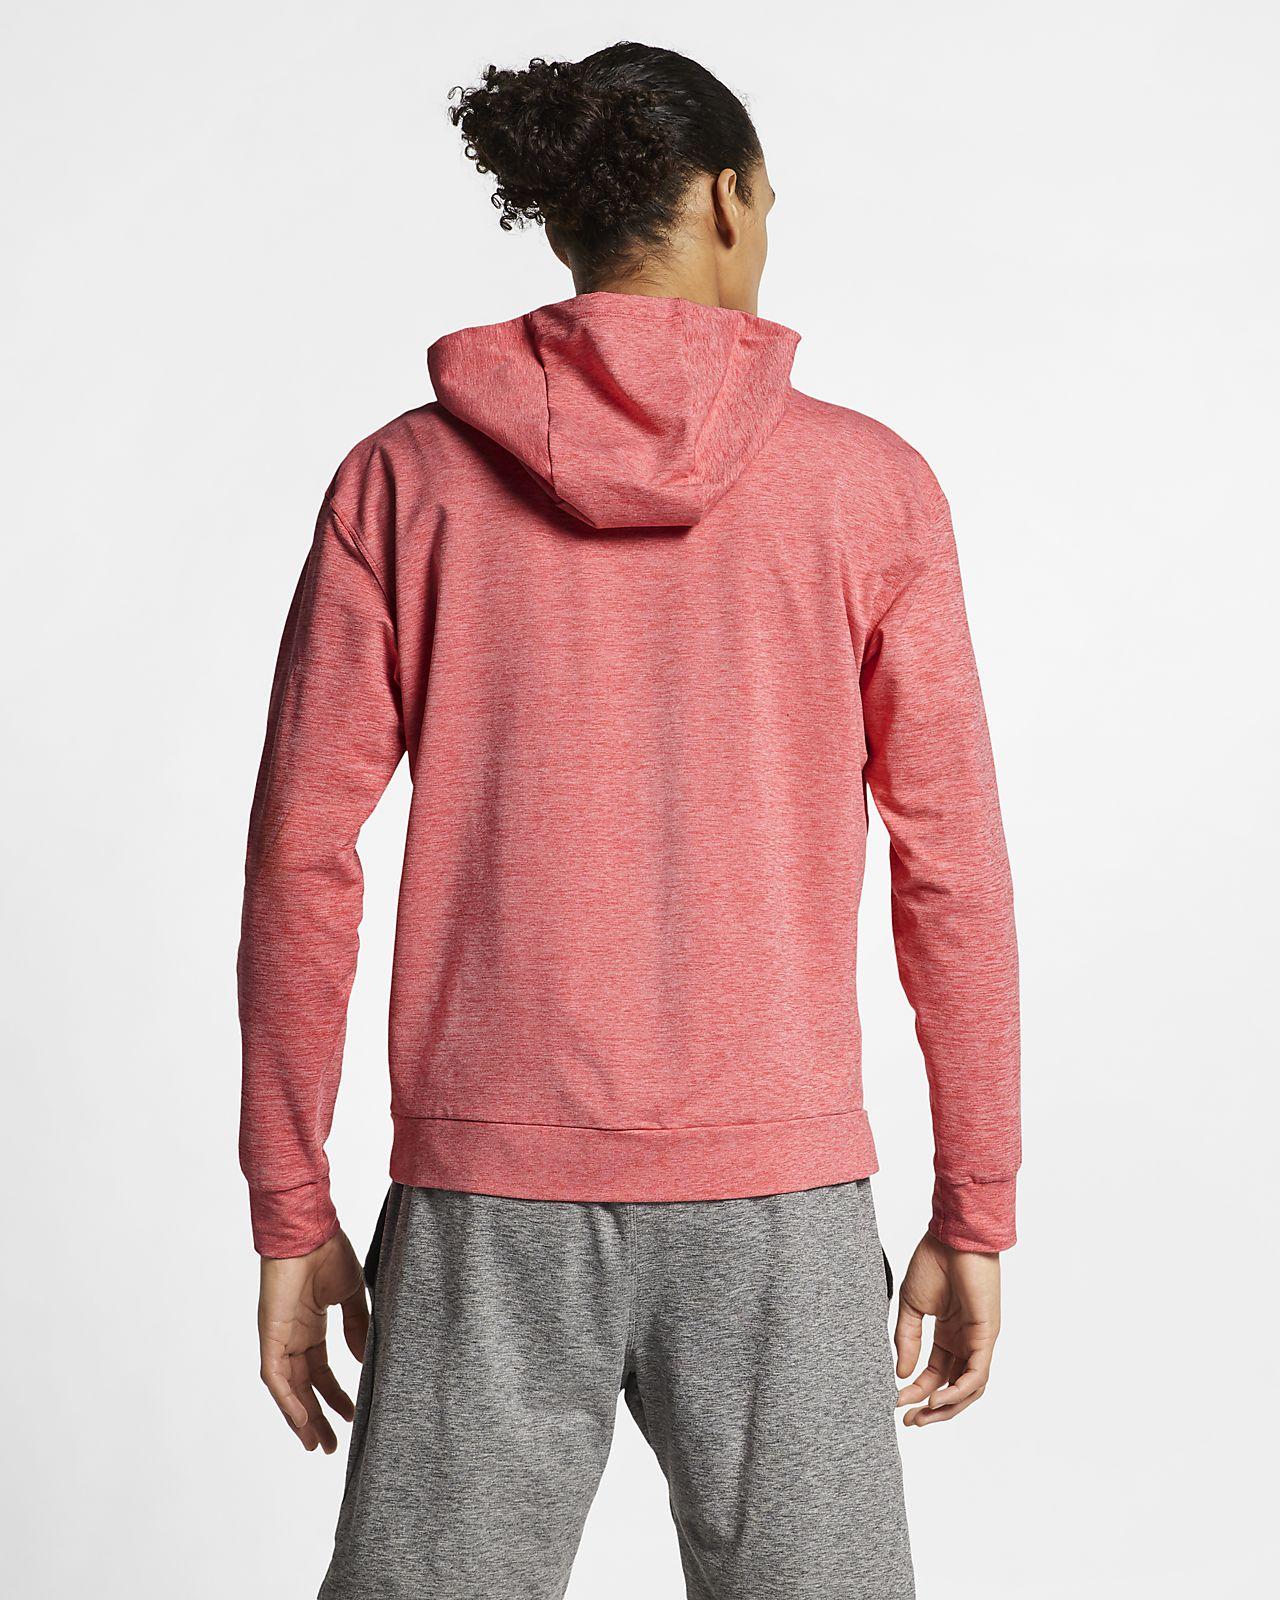 fb679ca14a ... Pánská tréninková mikina na jógu Nike Dri-FIT s kapucí a zipem po celé  délce